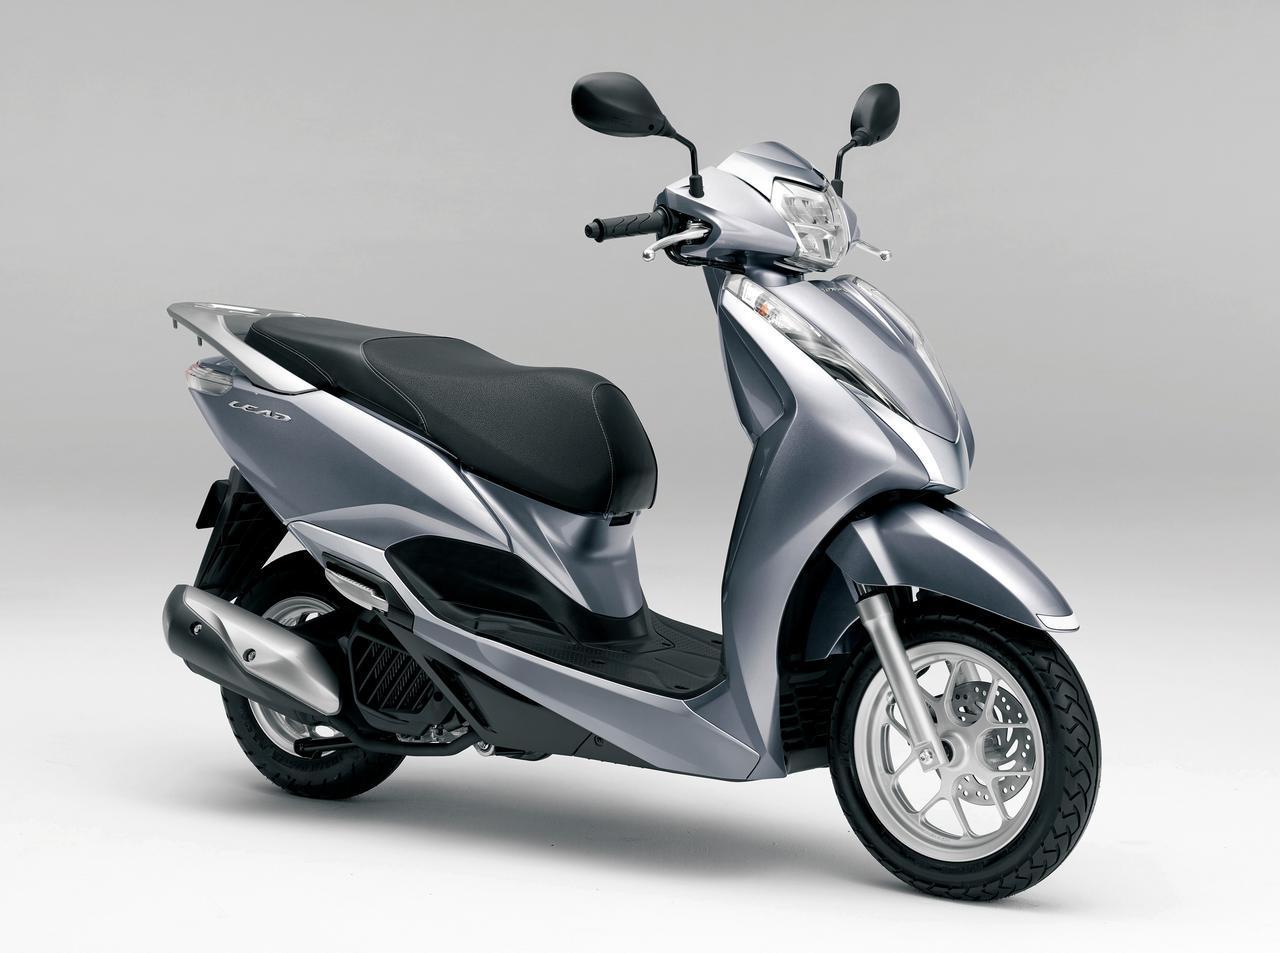 画像: Honda LEAD125 総排気量:124cc エンジン形式:水冷4ストOHC単気筒 シート高:760mm 車両重量:114kg 税込価格 31万5700円:パールダークアッシュブルー(ツートーン)、ポセイドンブラックメタリック(ツートーン)、パールメタロイドホワイト(ツートーン) 31万9000円:キャンディラスターレッド、ランベントシルバーメタリック、パールメタロイドホワイト